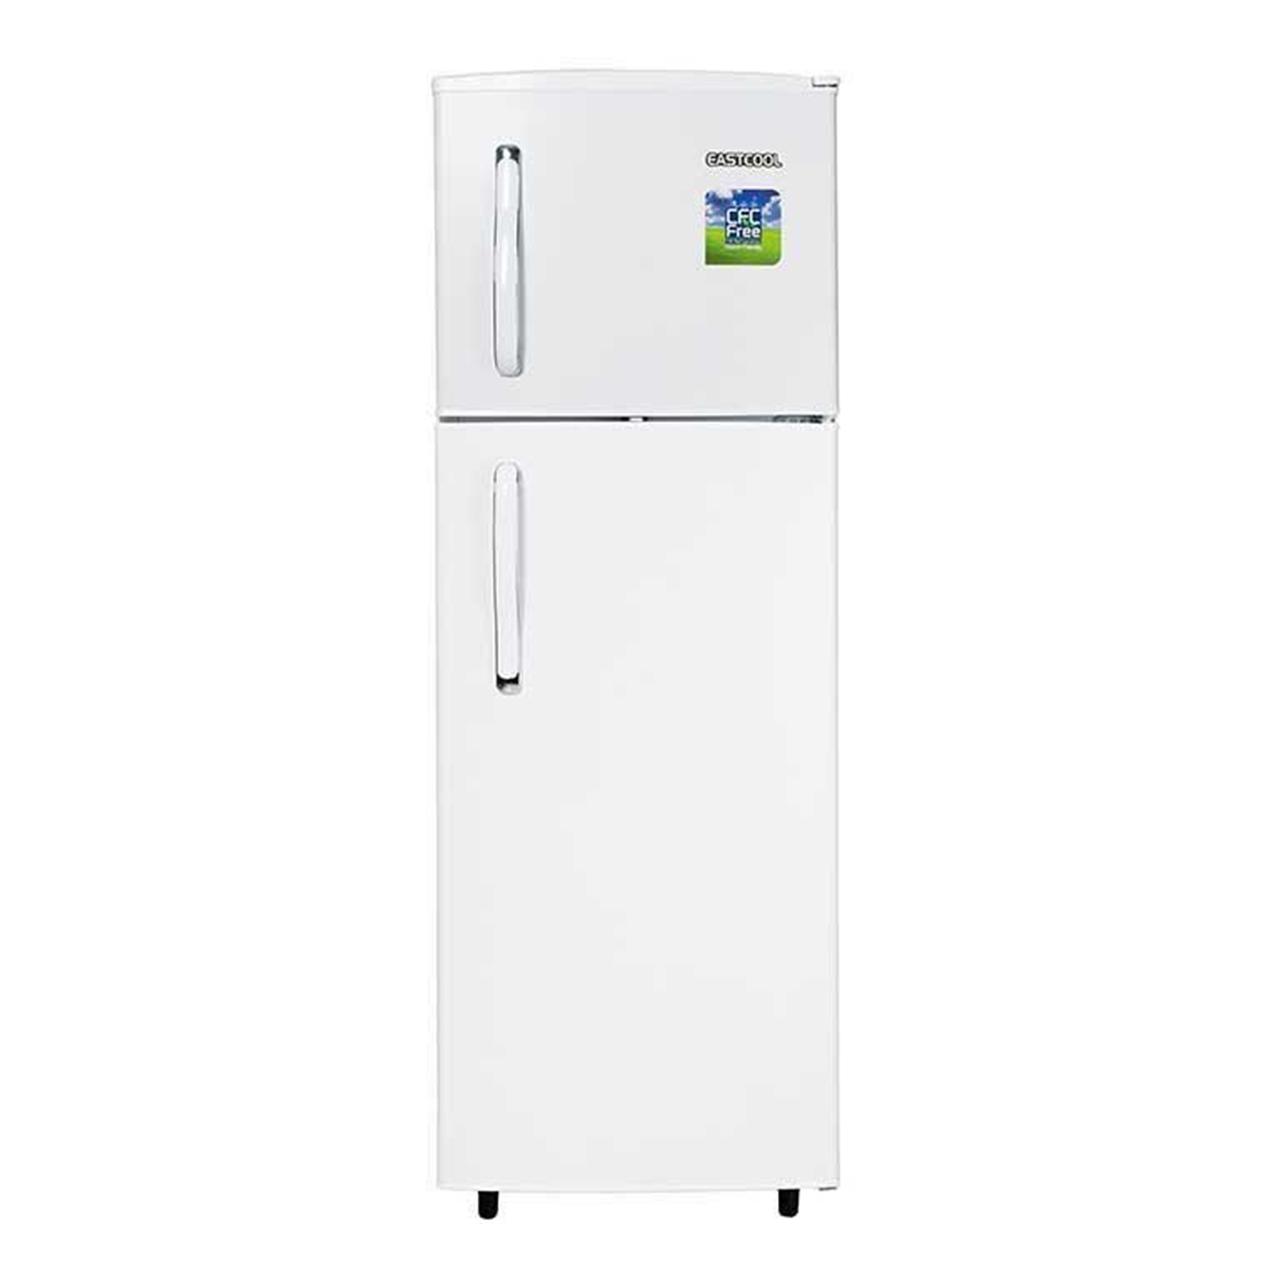 فروش نقدی و اقساطی یخچال ایستکول مدل TM-679-200